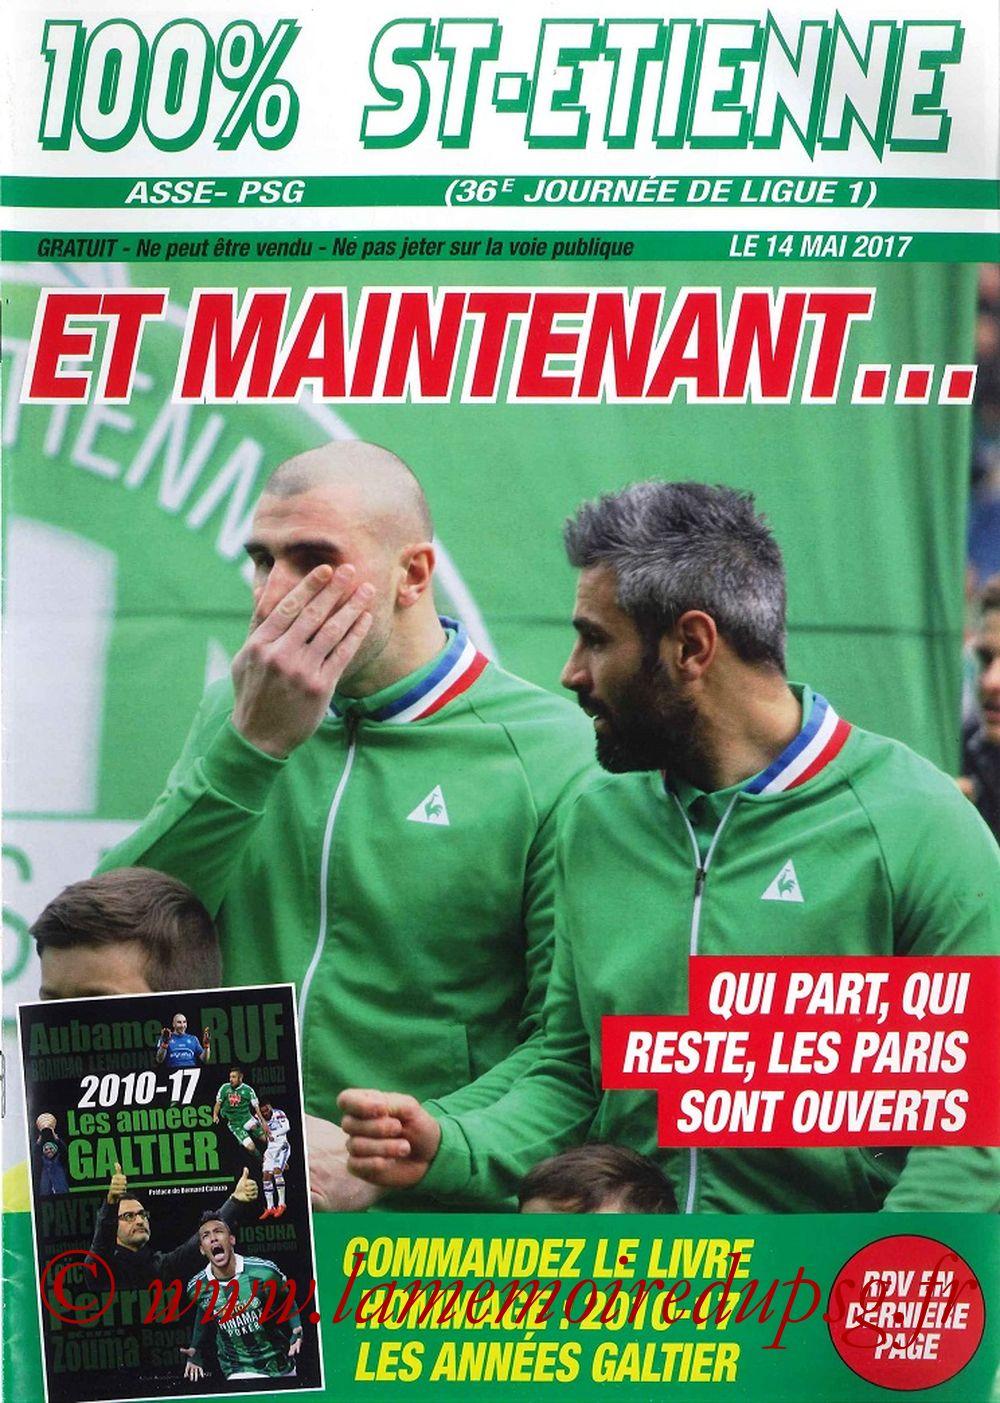 2017-05-14  Saint Etienne-PSG (37ème L1, 100% Saint Etienne)